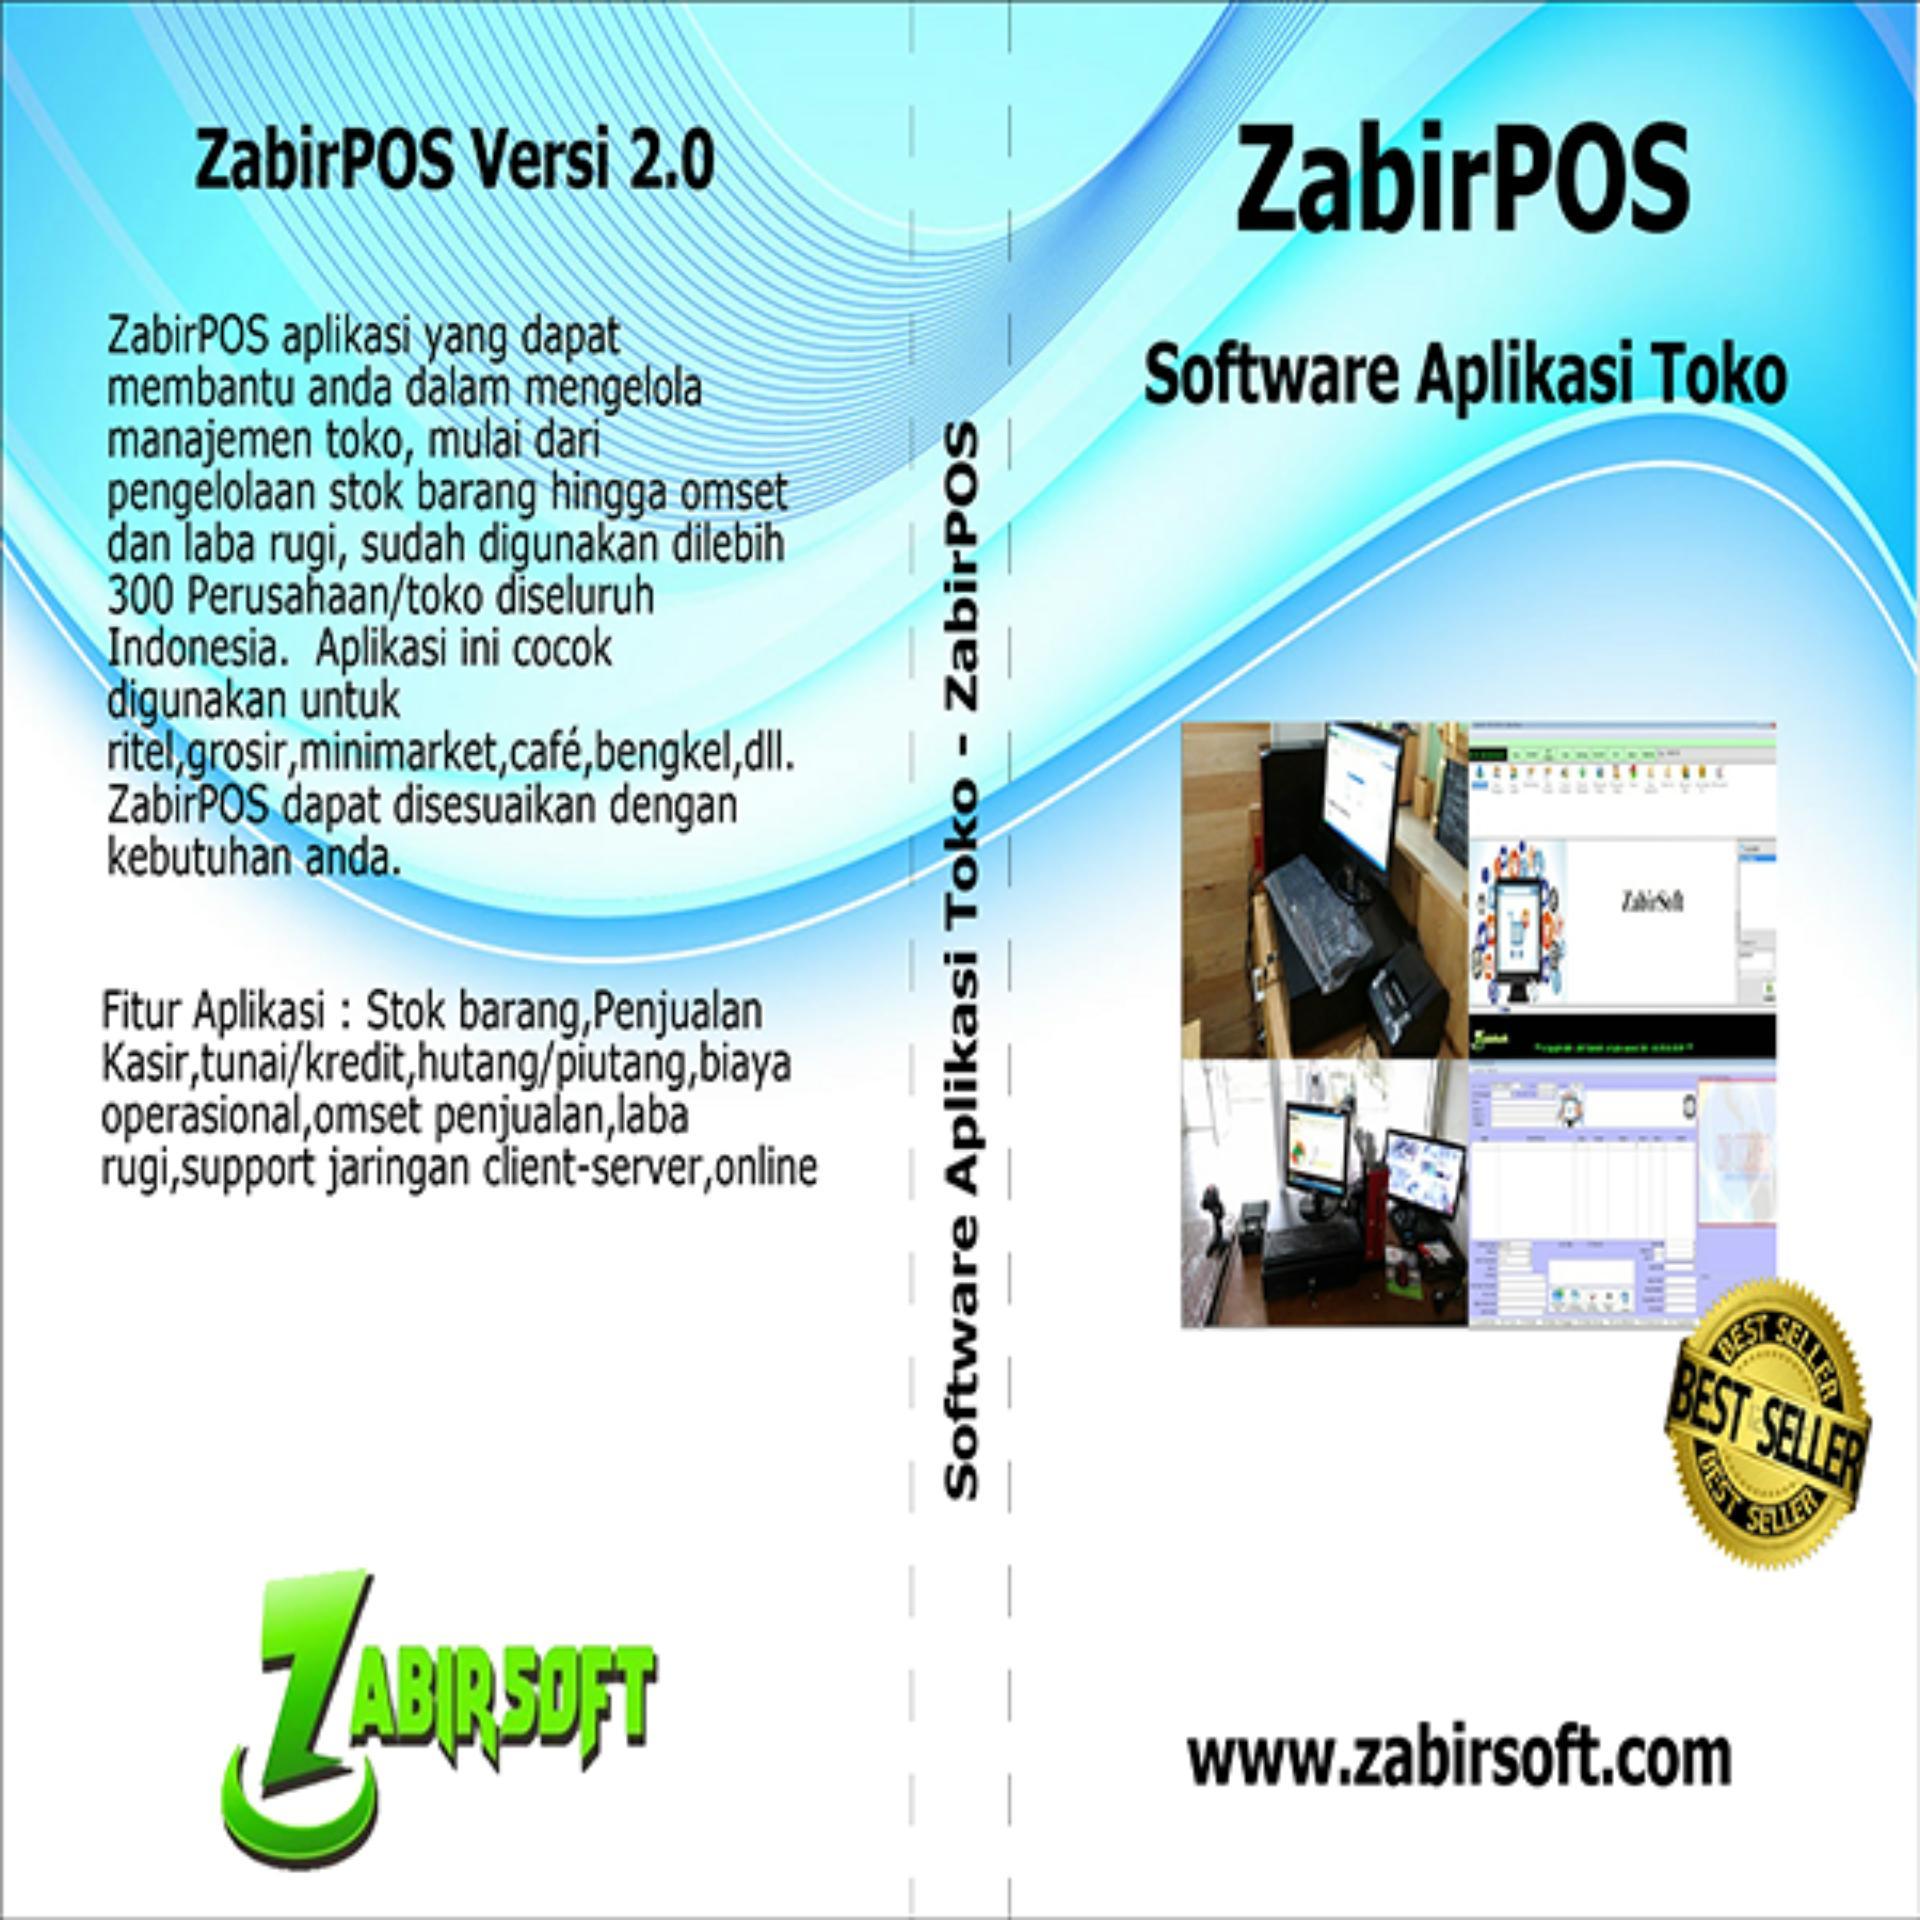 Premium Dvd Software Aplikasi Toko Dan Kasir V6 Daftar Harga Otomax 314 Full Version Unlimited Aktifasi Server Pulsa Terlengkap Ter Termudah Penjualan